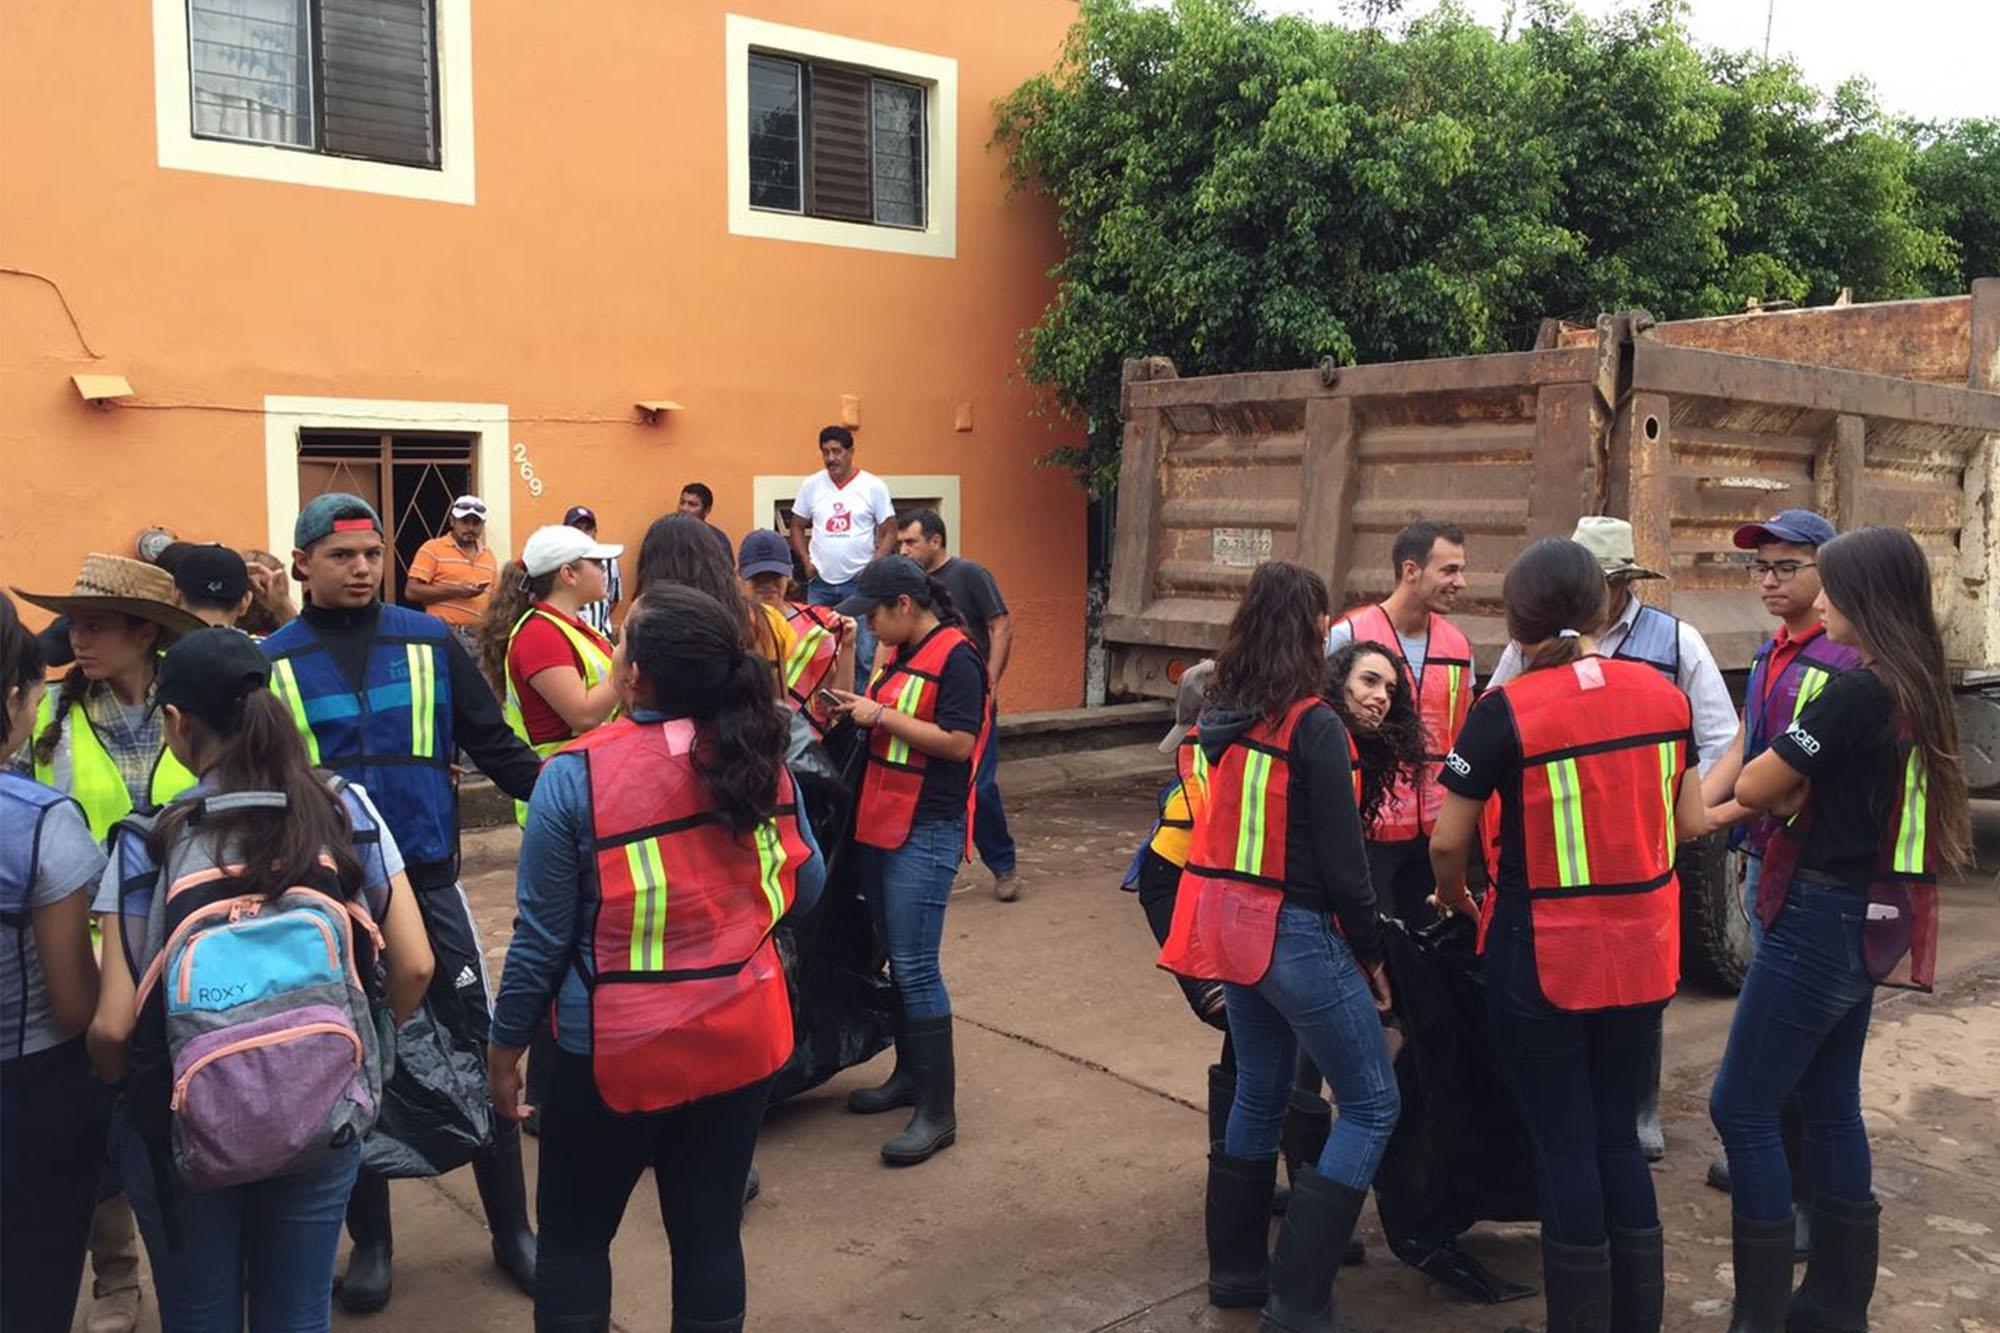 Bachilleres de la Preparatoria de Unión de Tula [1] del Sistema de Educación Media Superior (SEMS) de la Universidad de Guadalajara (UdeG) apoyando a familias de las comunidades de Unión de Tula y de San Cayetano